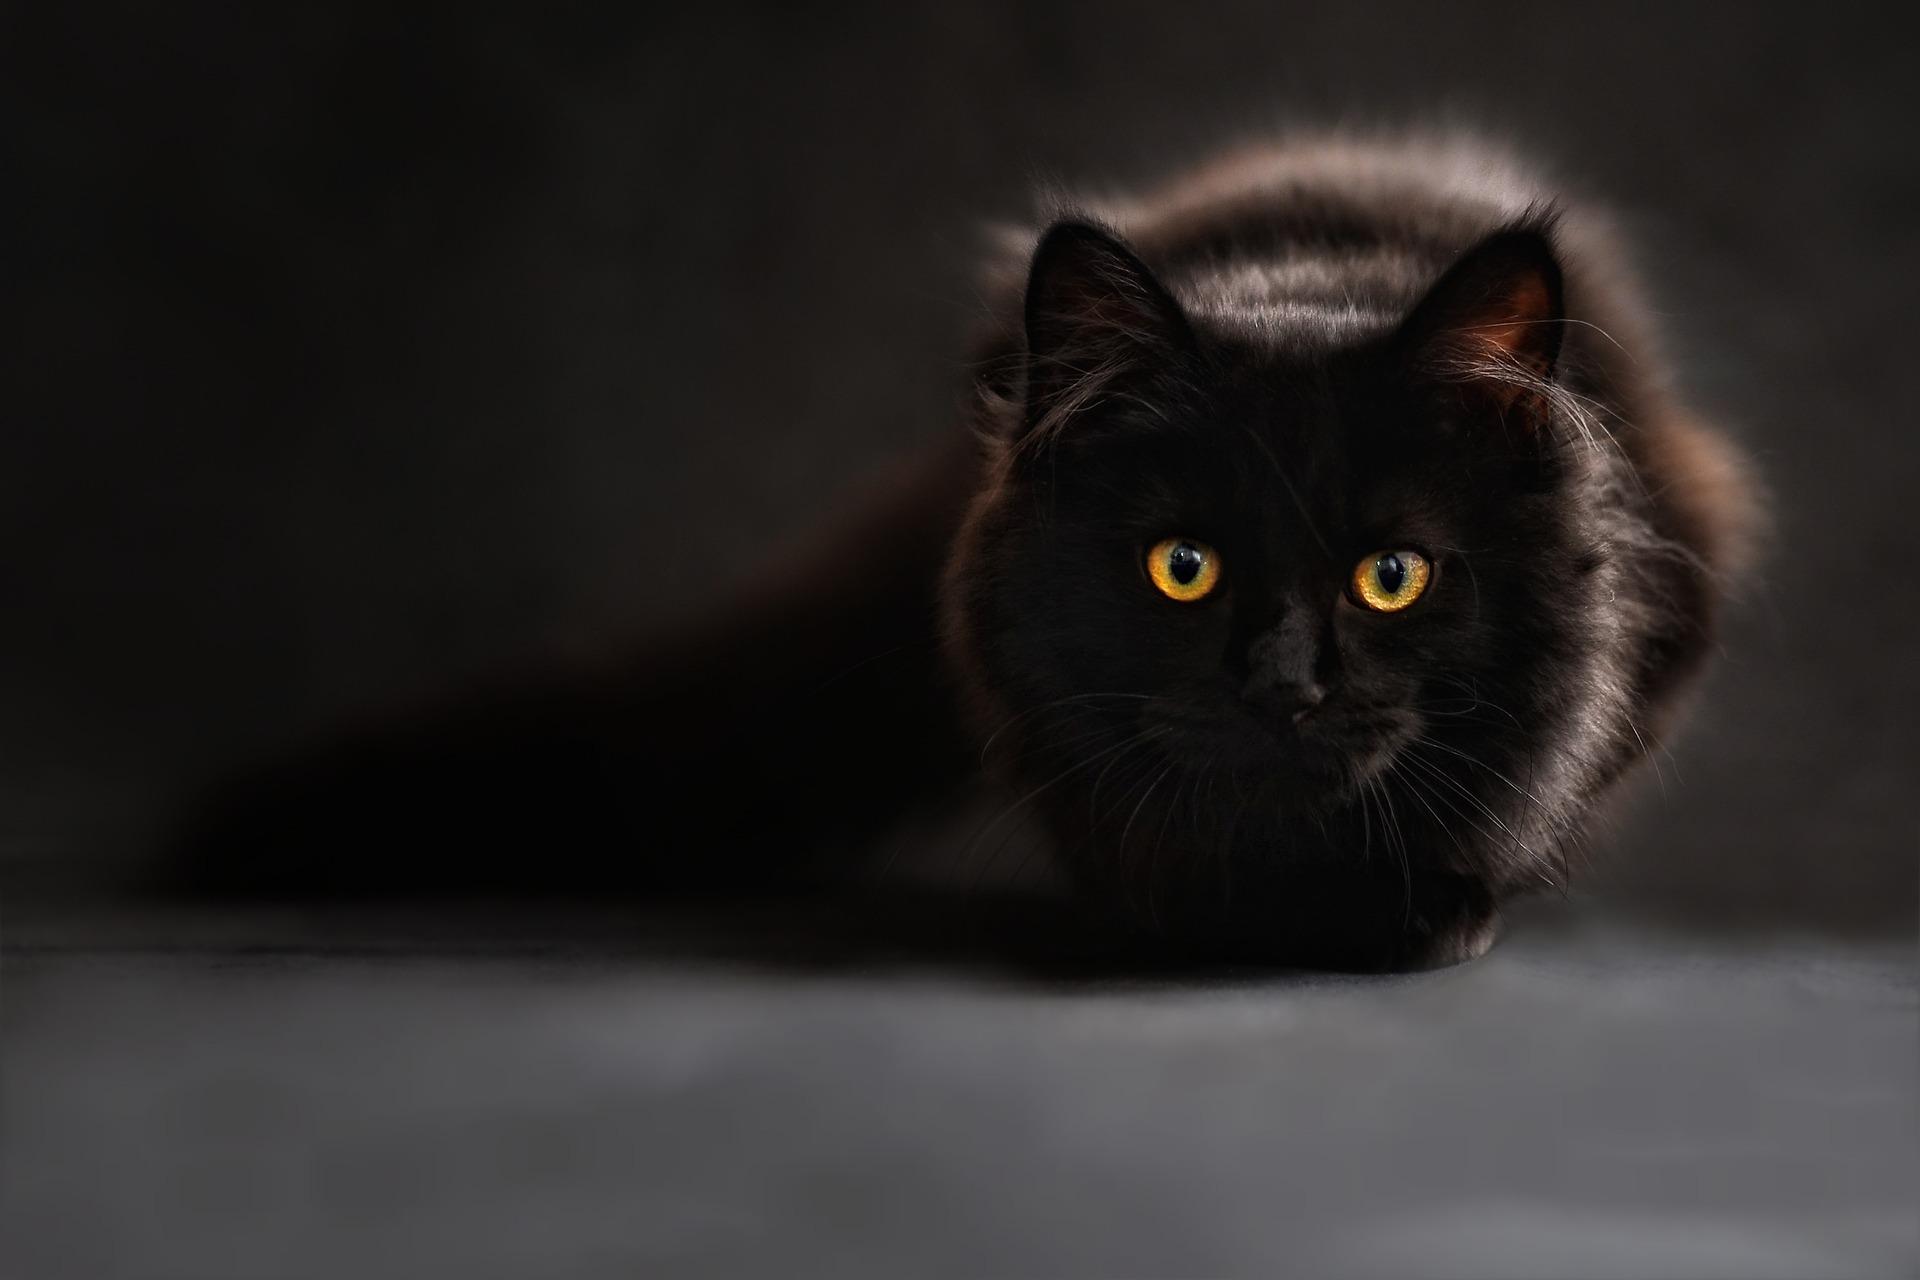 cat-694730_1920